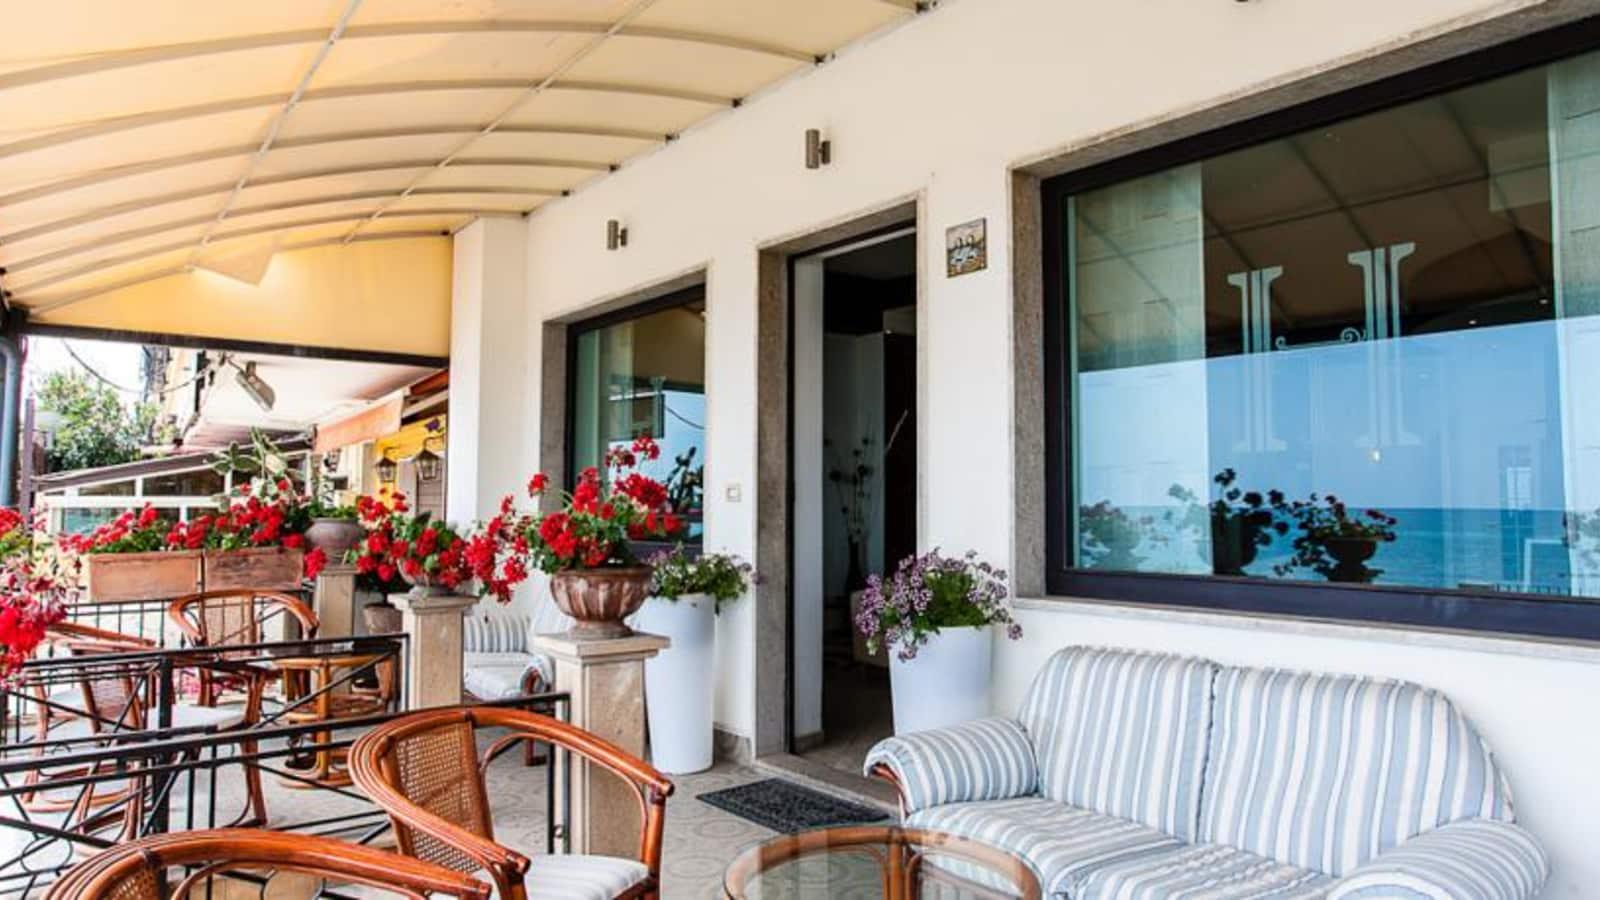 Hotel tysandros giardini naxos - Hotel giardini naxos 3 stelle ...